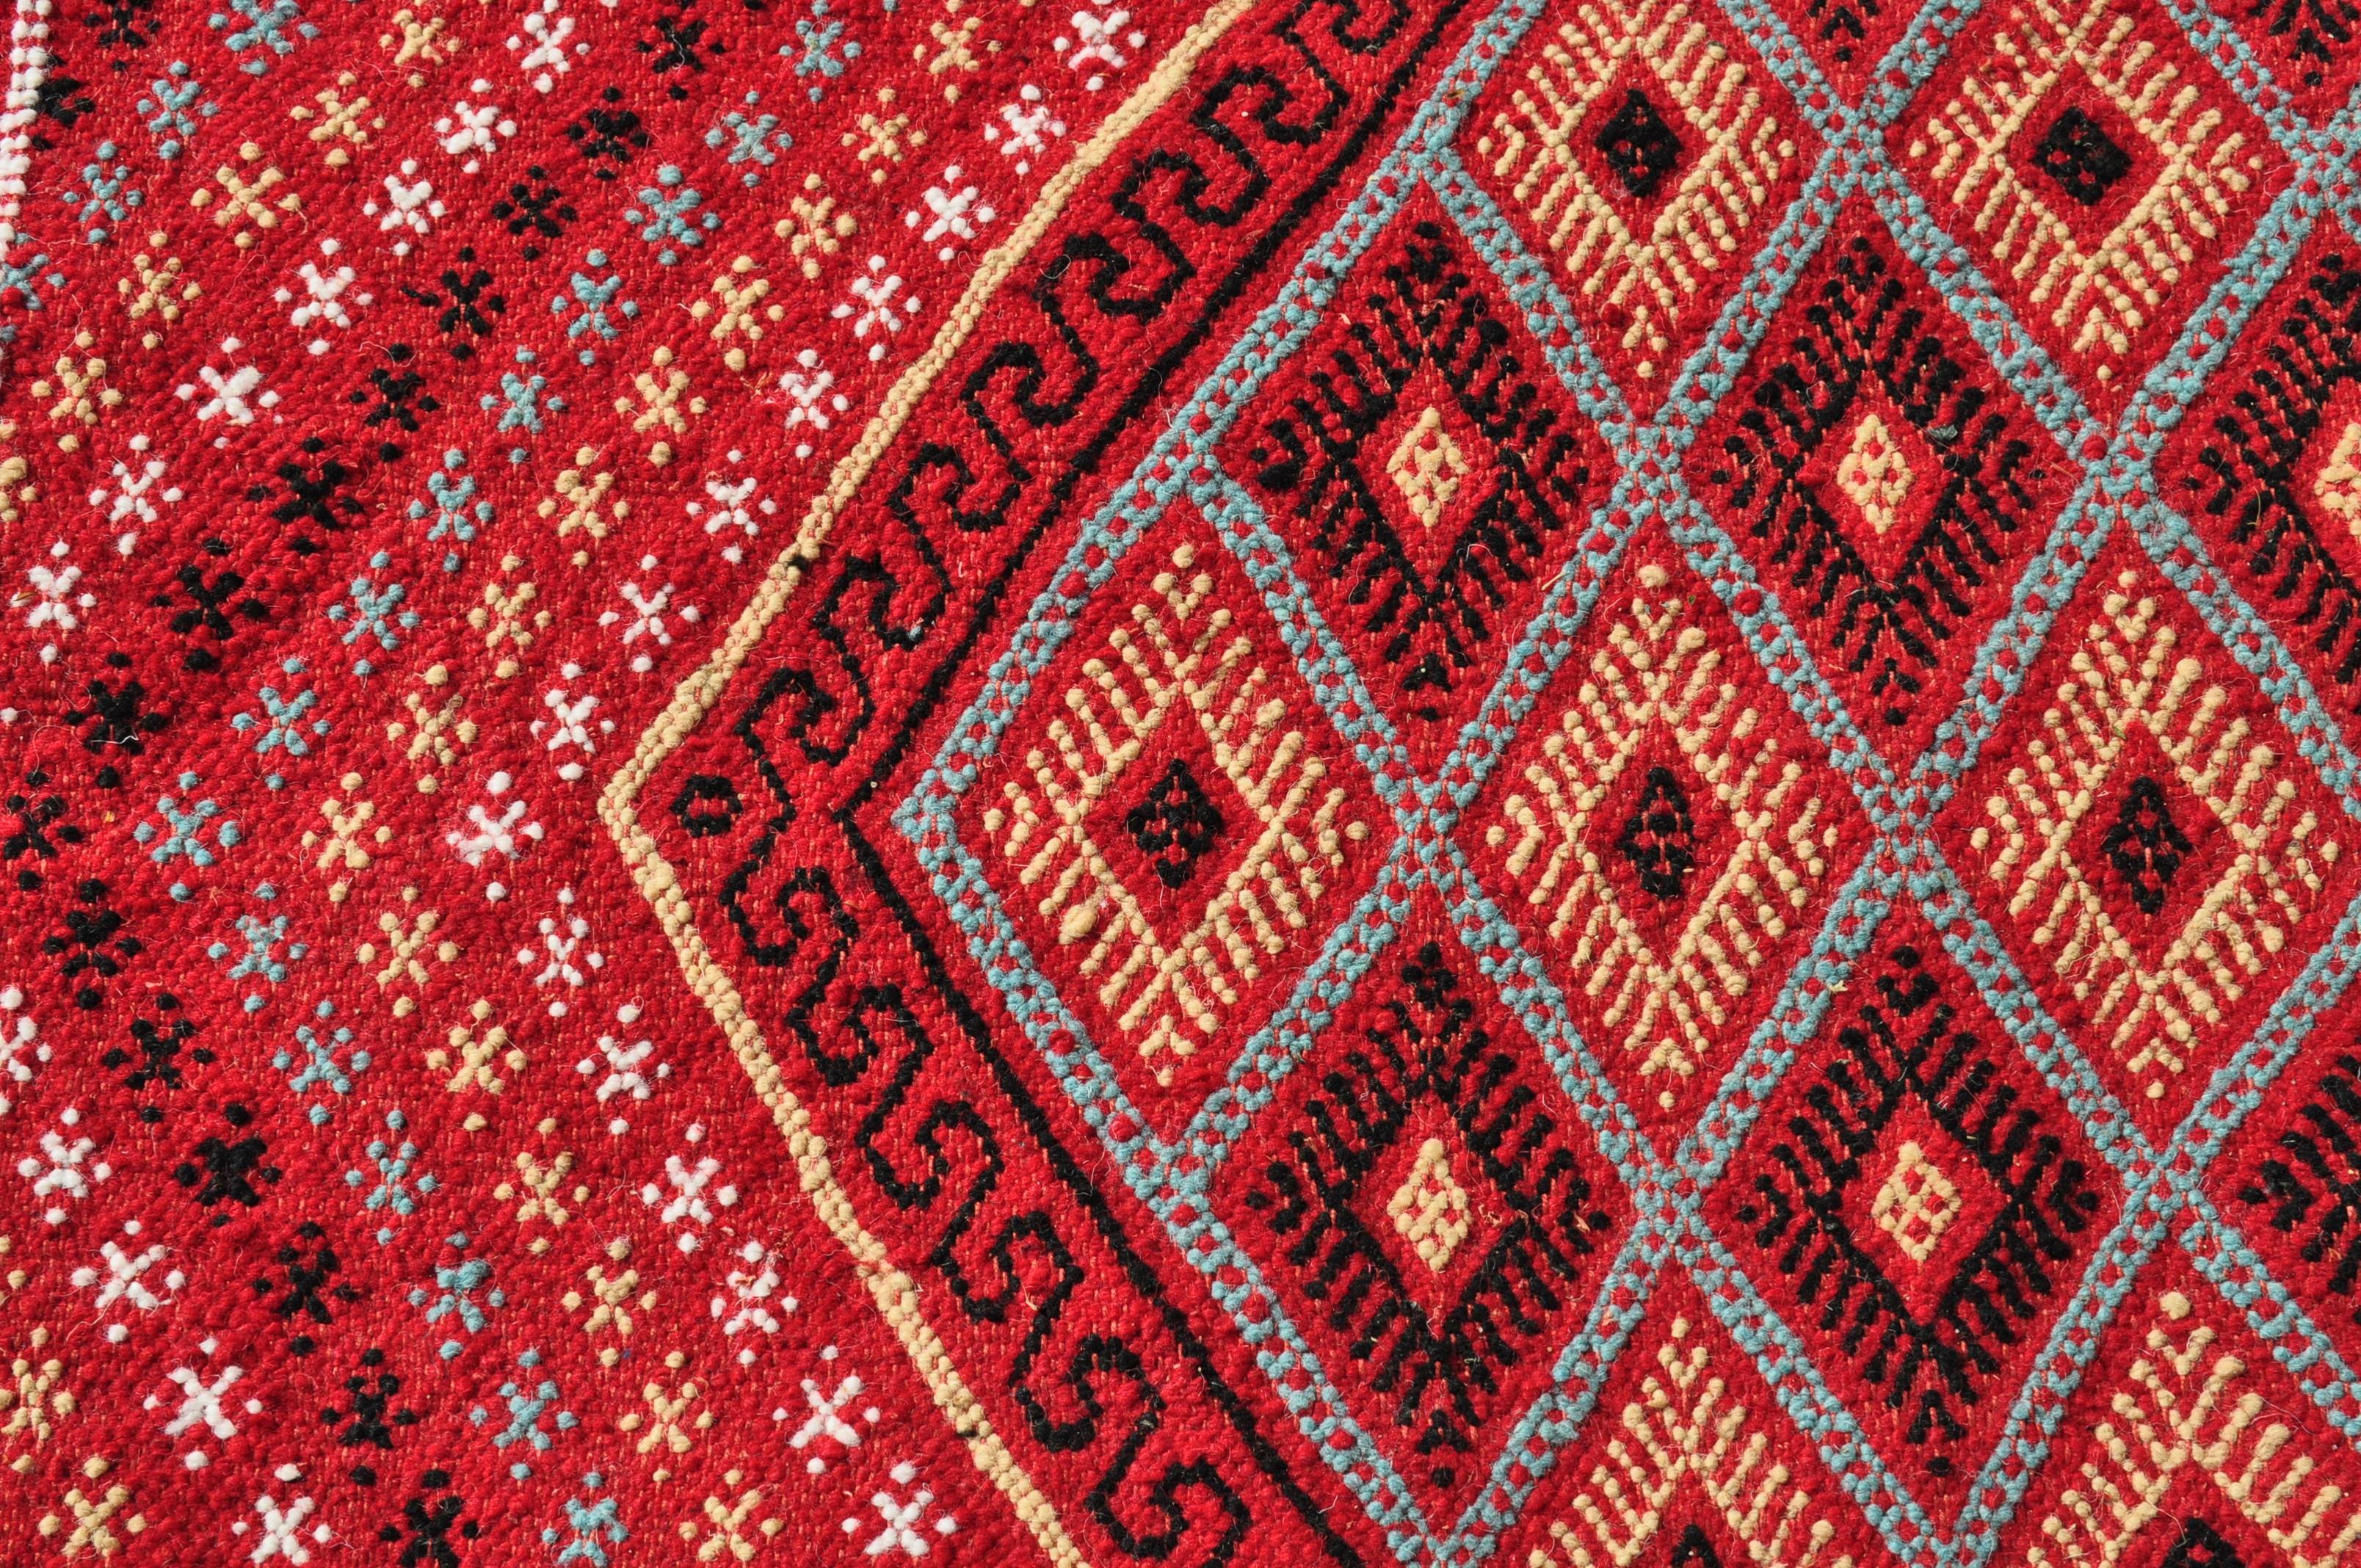 grands tapis tapis kilims et mergoums de tunisie et maroc 200 x 300 cm tapis rikez. Black Bedroom Furniture Sets. Home Design Ideas